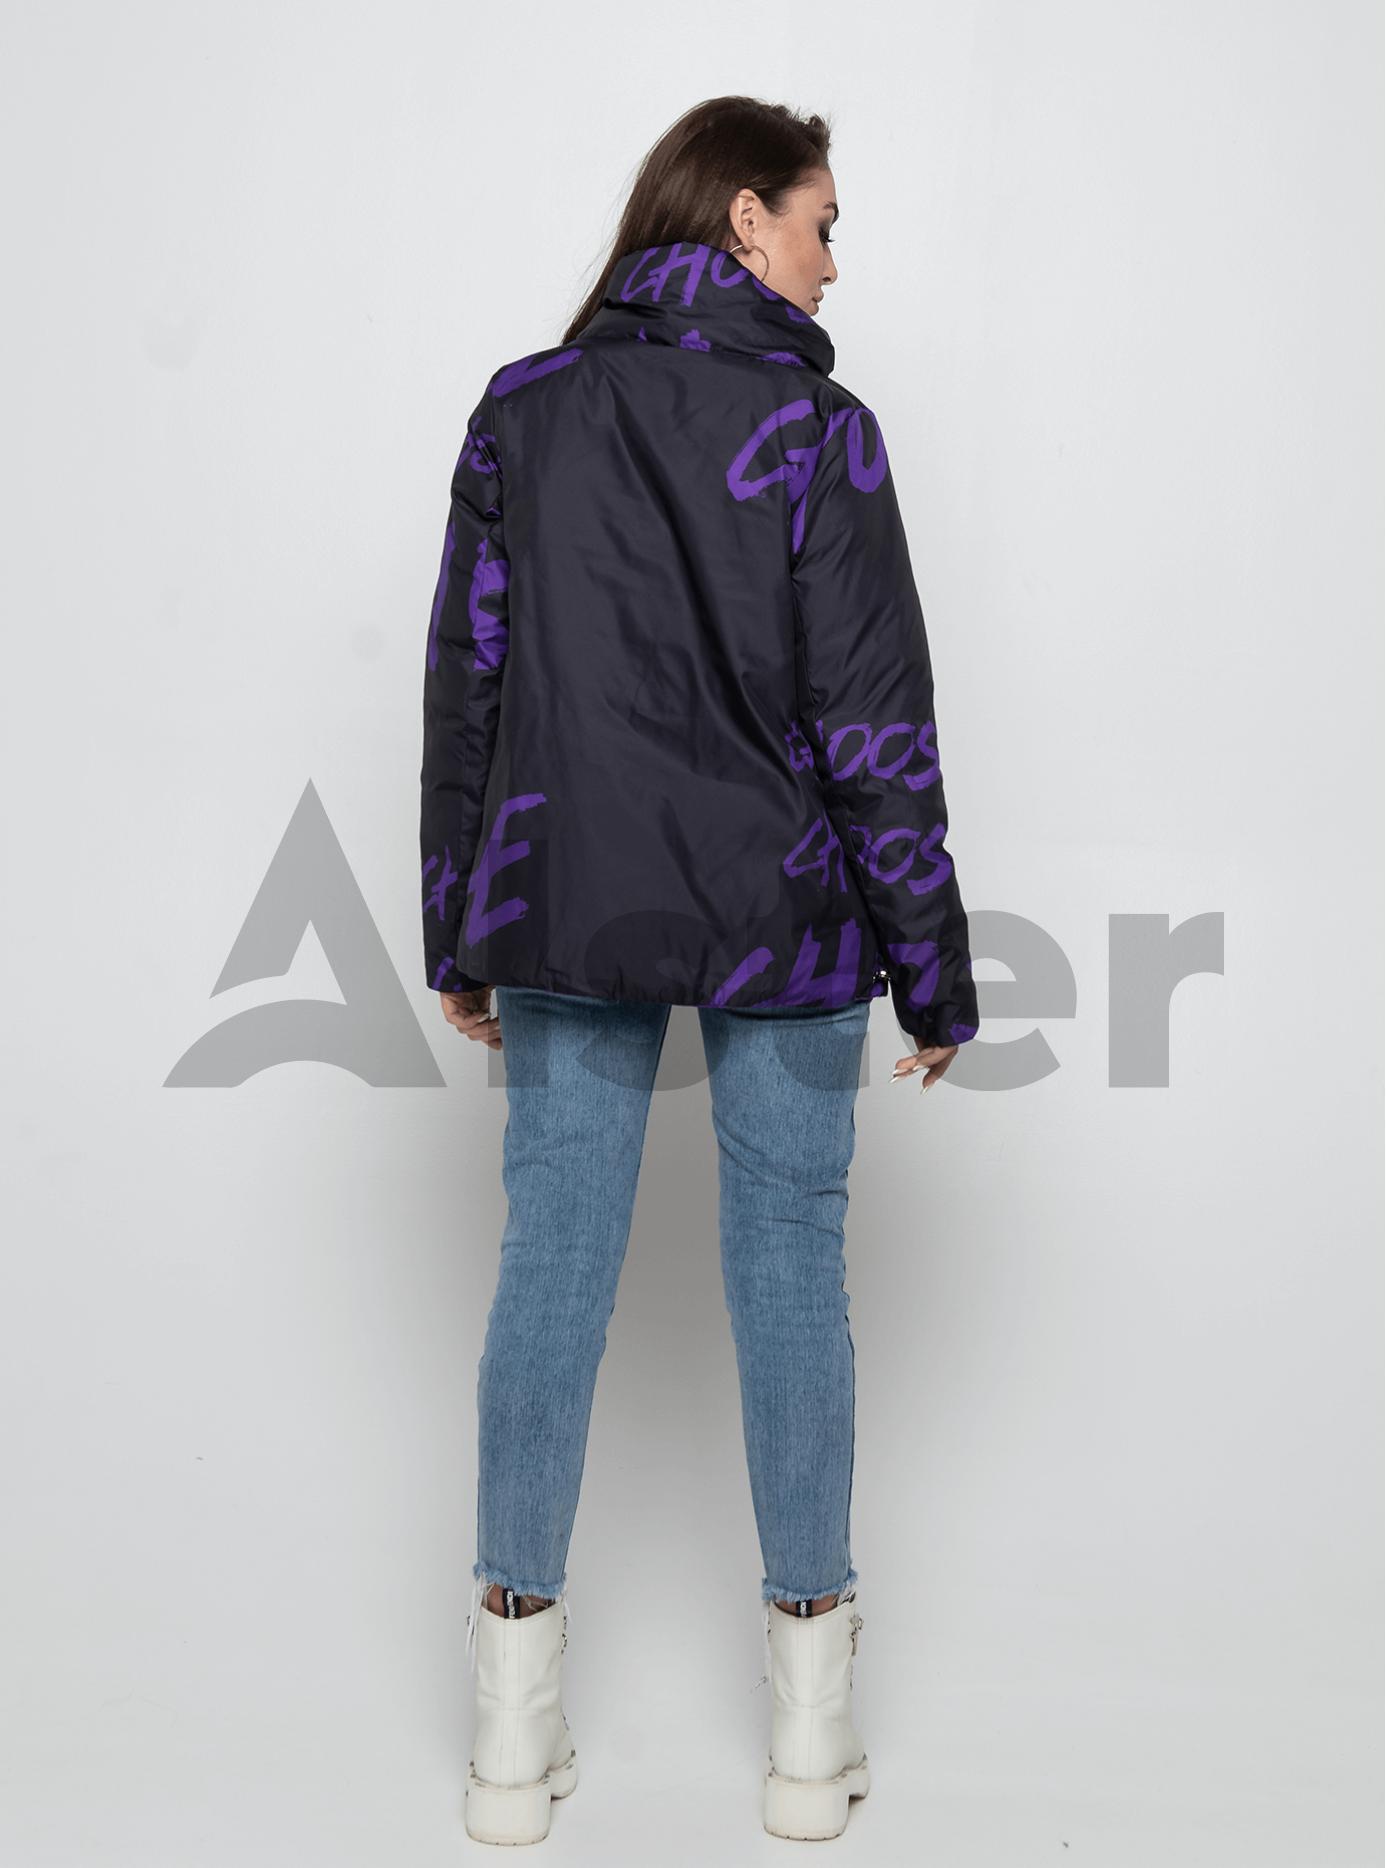 Куртка демисезонная короткая двусторонняя Фиолетовый 46 (02-MI19035): фото - Alster.ua